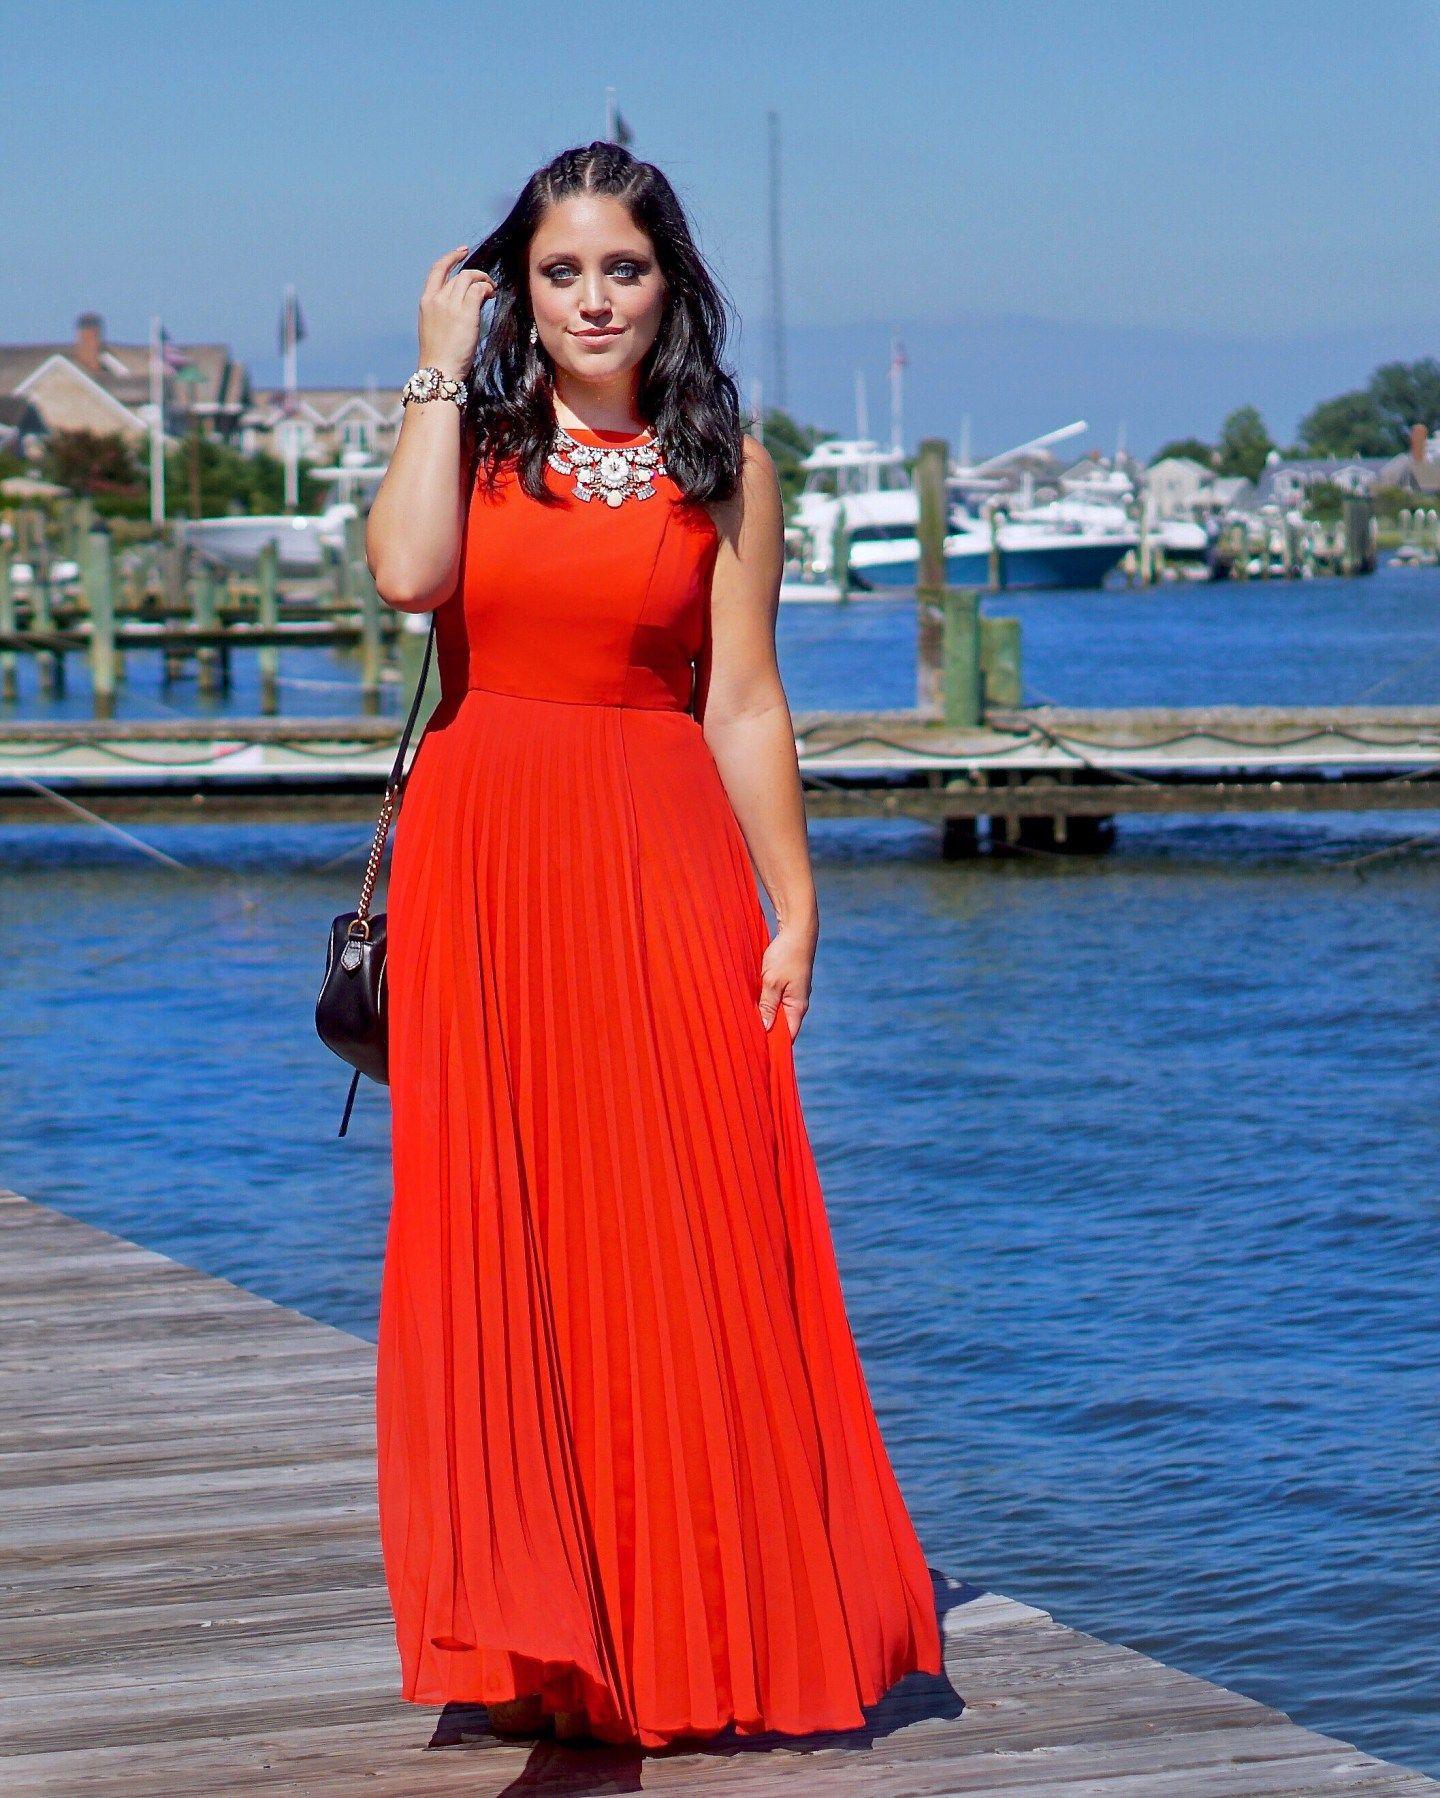 Wedding guest dress ideas  summer u wedding guest lookbook  indigo heights  Pinterest